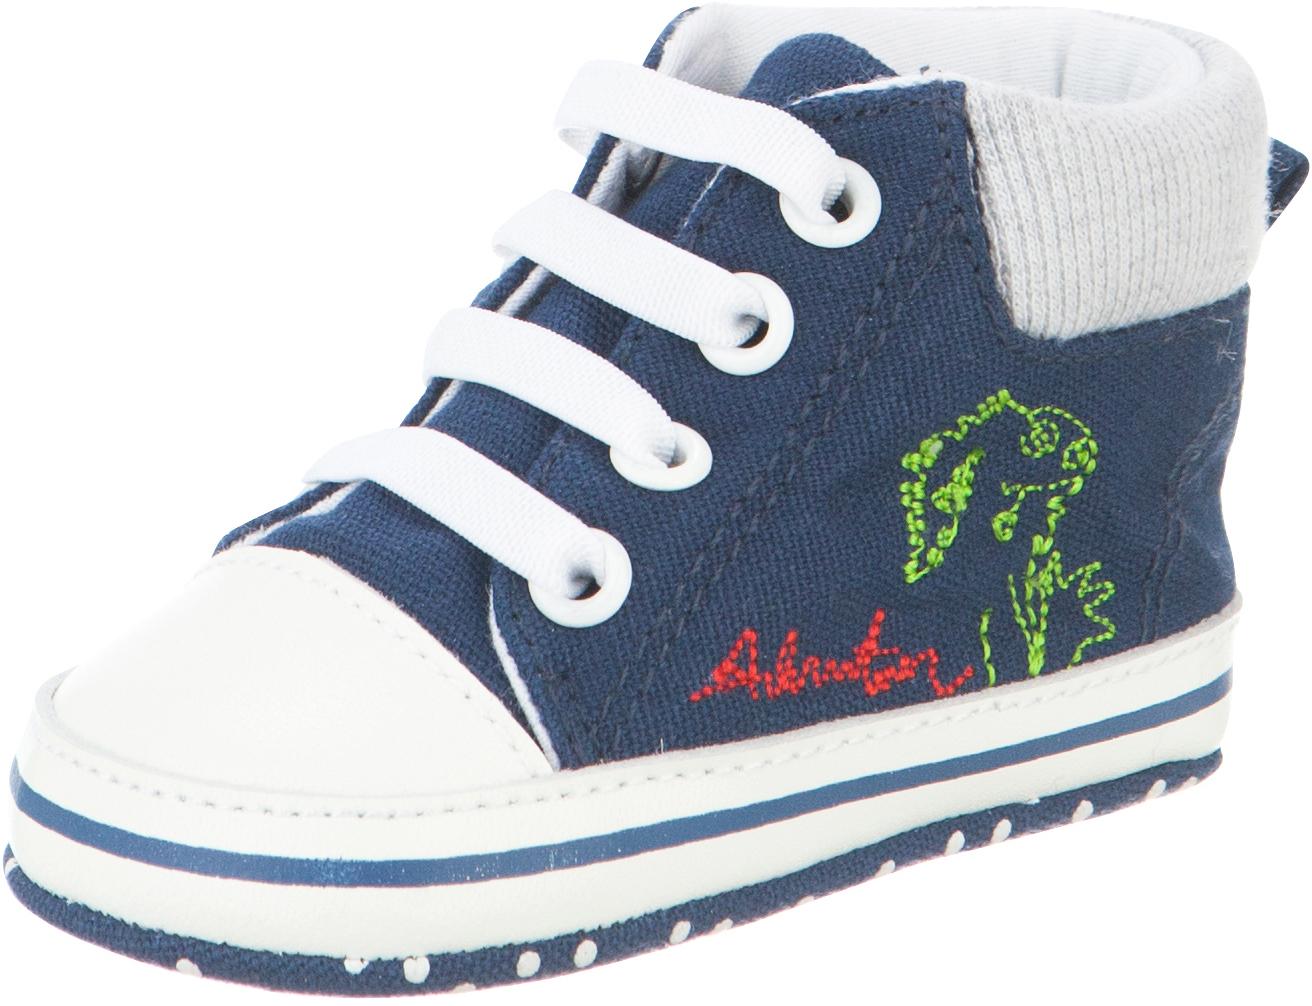 Пинетки детские Kapika, цвет: синий. 10129. Размер 1610129Стильные и модные пинетки от Kapika великолепно дополнят наряд вашего малыша. В них он будет чувствовать себя комфортно и непринужденно. Пинетки в виде кед выполнены из хлопкового текстиля.Милые, нежные и удобные детские пинетки станут любимой обувью маленького непоседы.